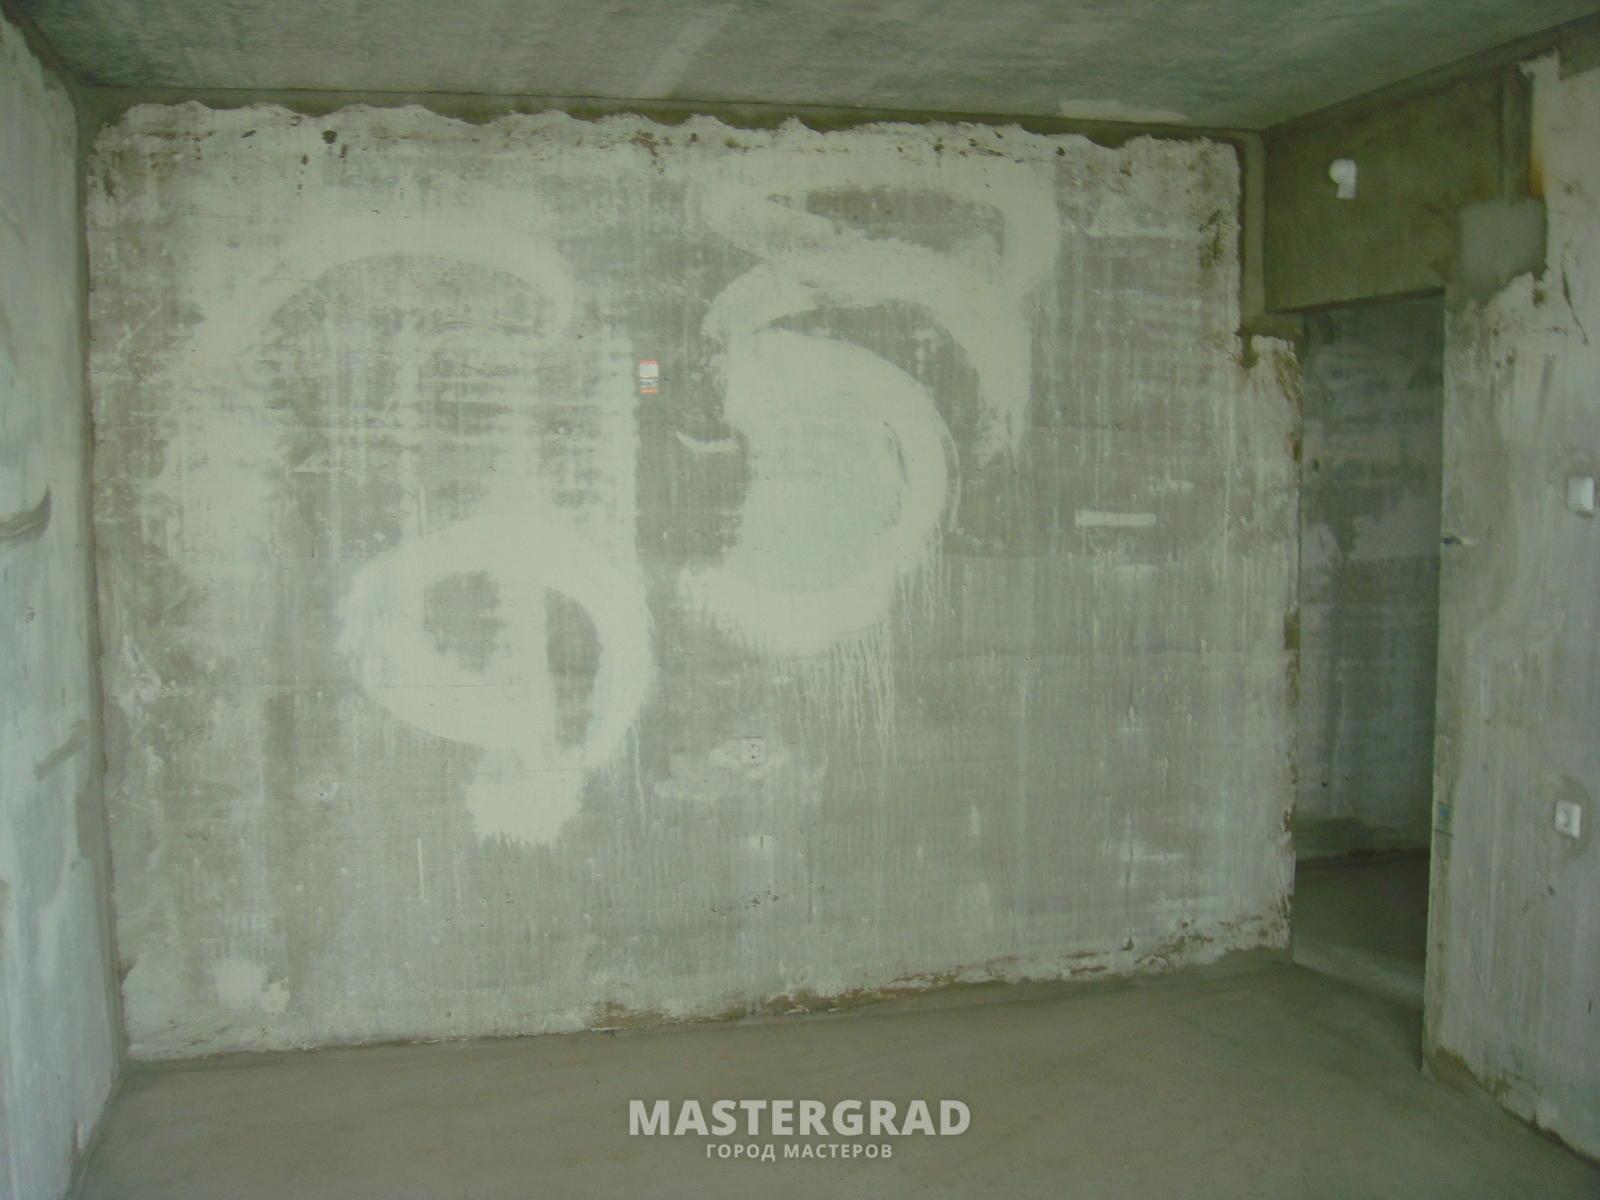 Ремонт квартир с фиксированным сроком москва